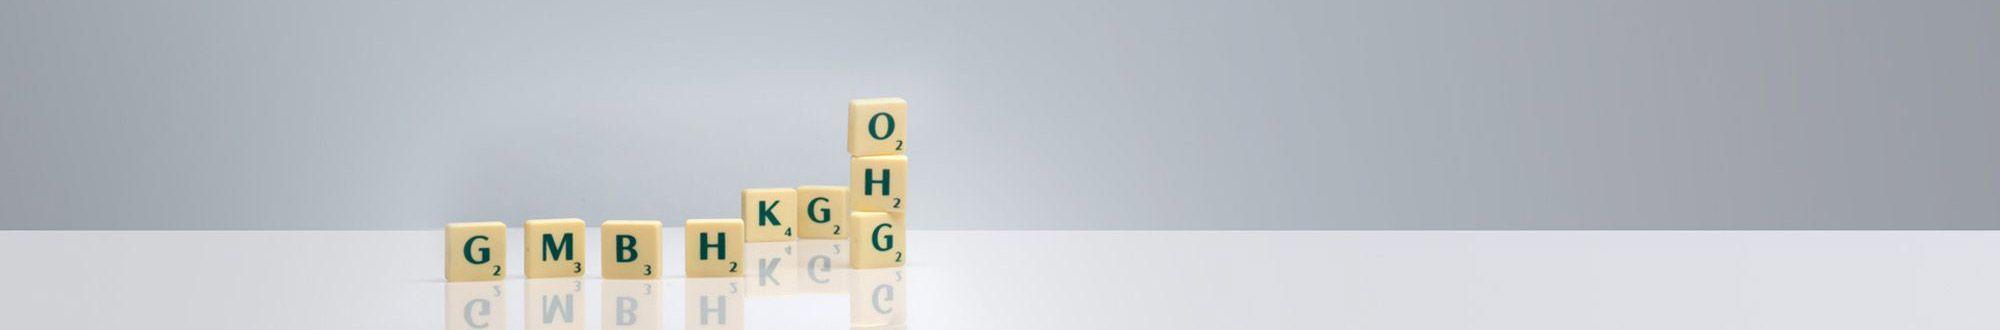 Buchstabenklötze auf grauem Grund